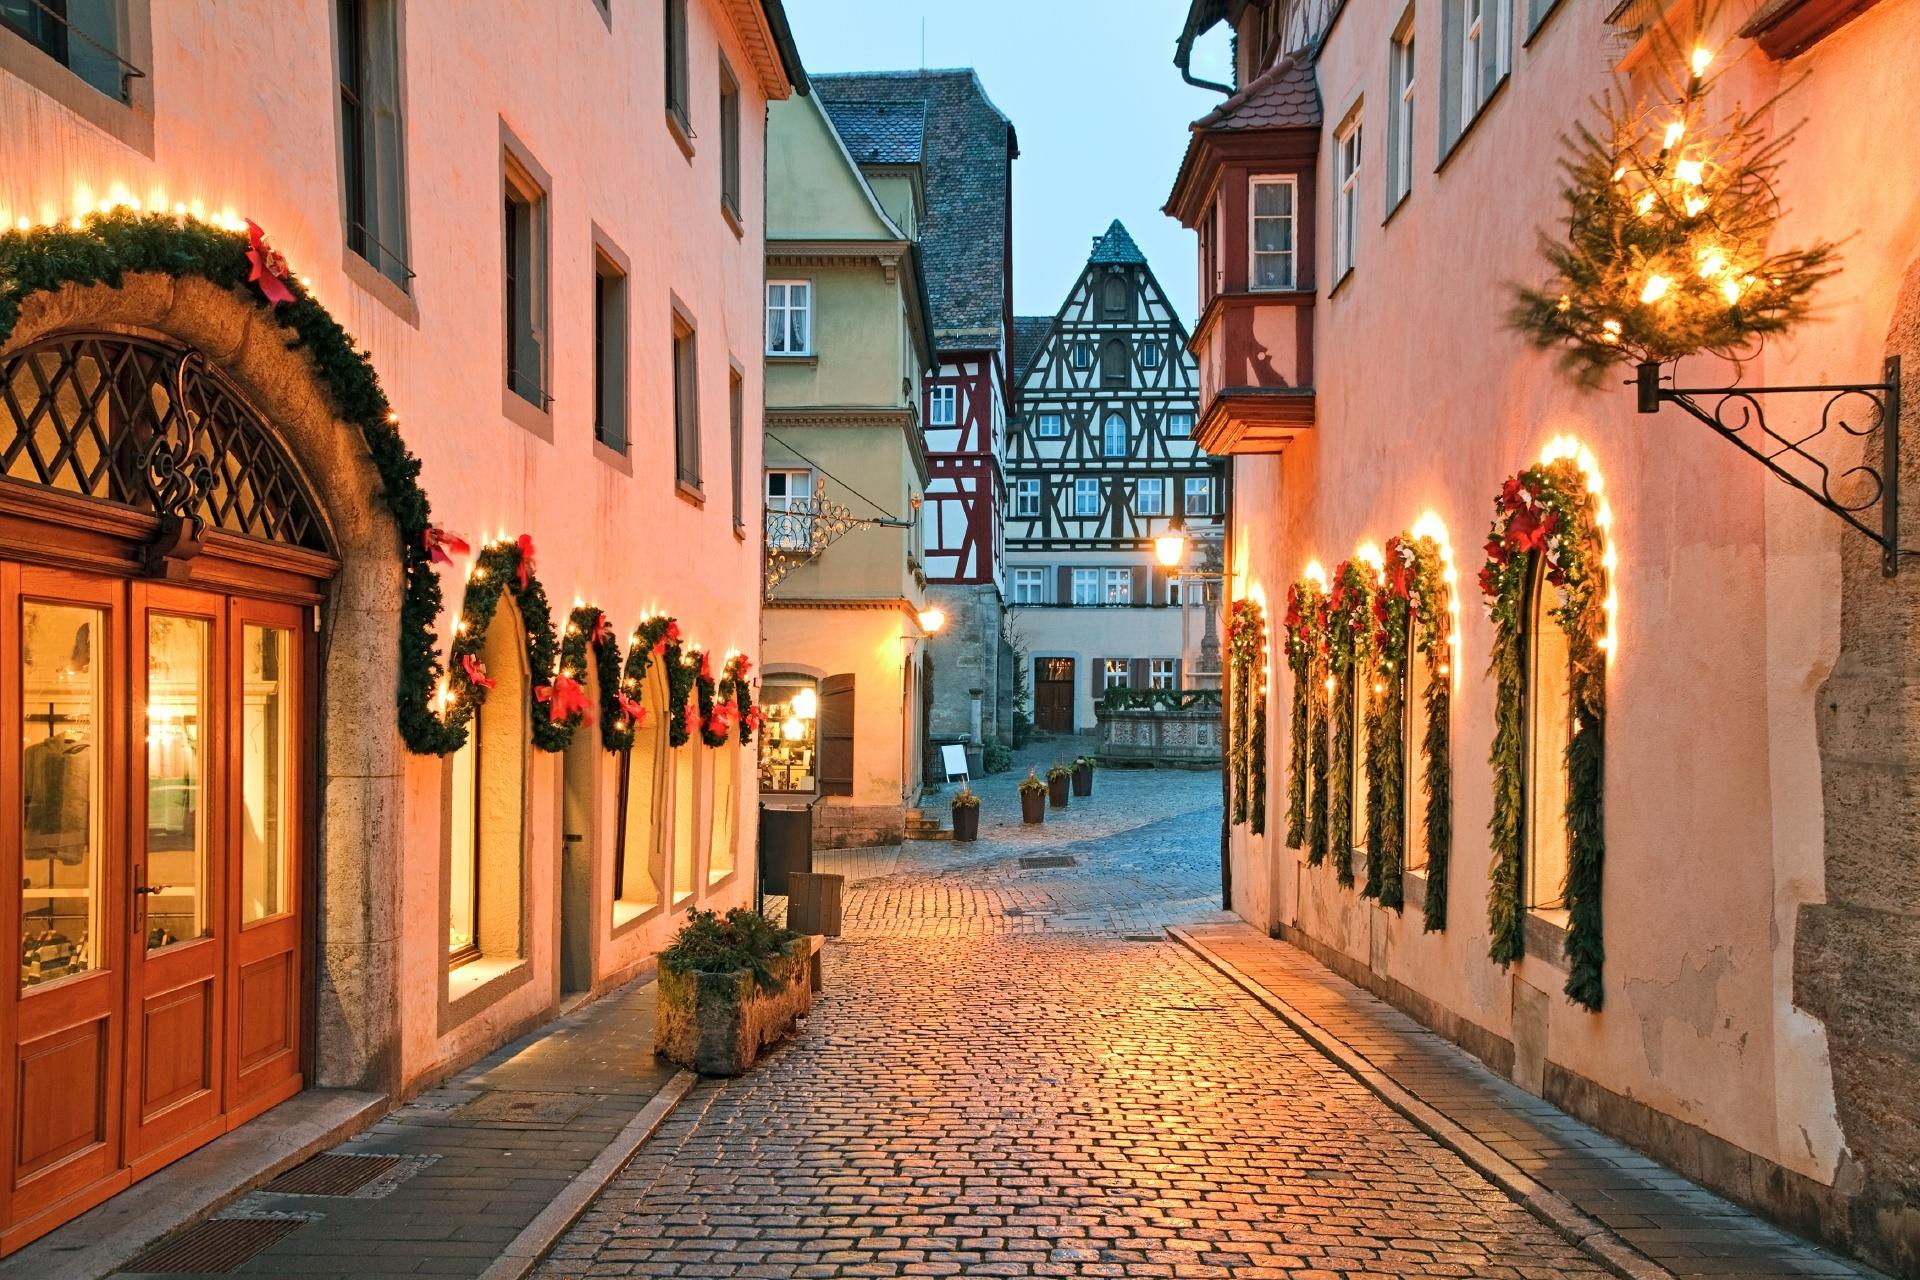 ローテンブルク・オプ・デア・タウバーの風景 ドイツの風景